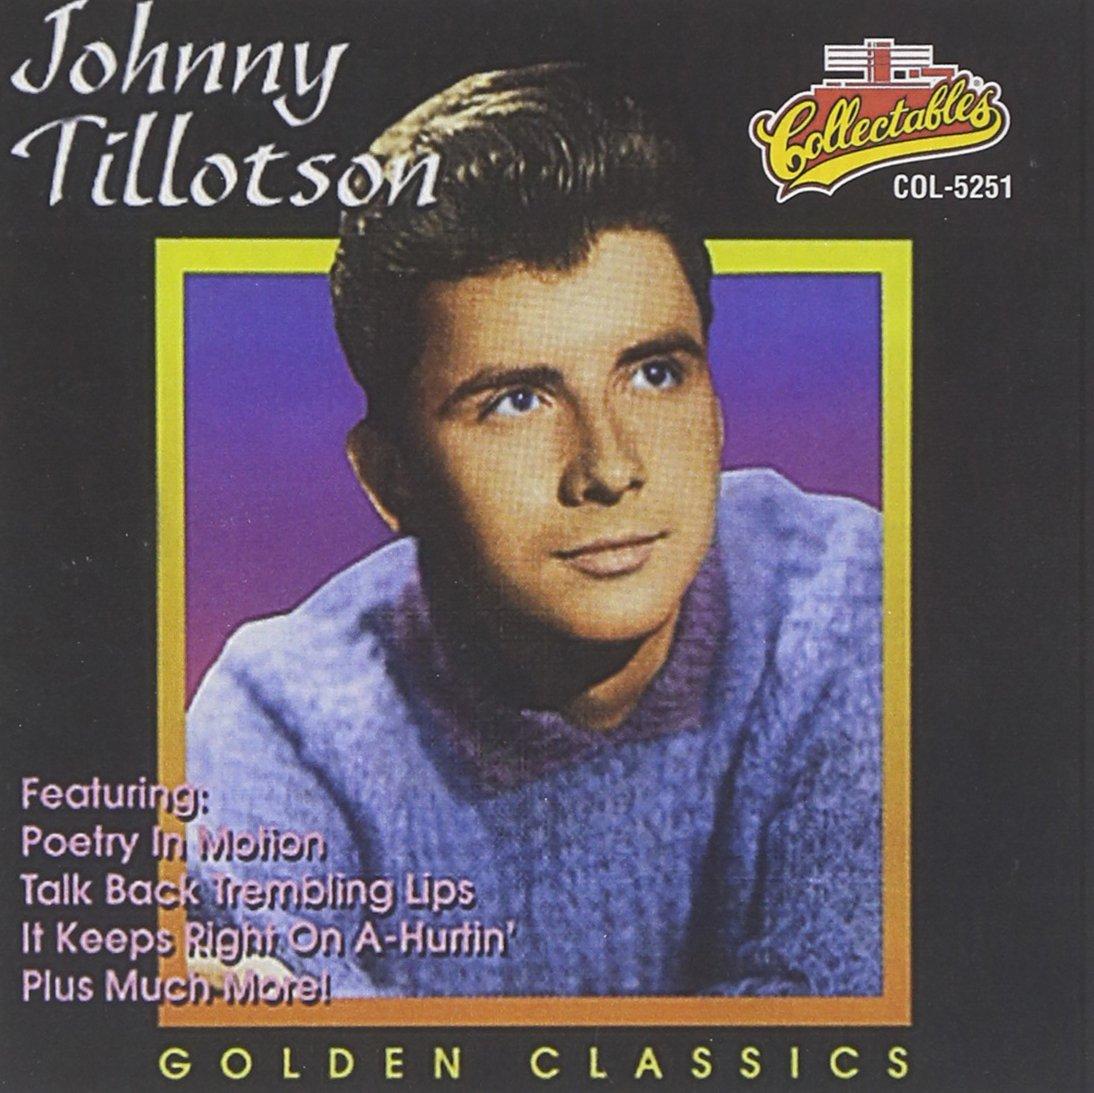 CD : Johnny Tillotson - Golden Classics (CD)